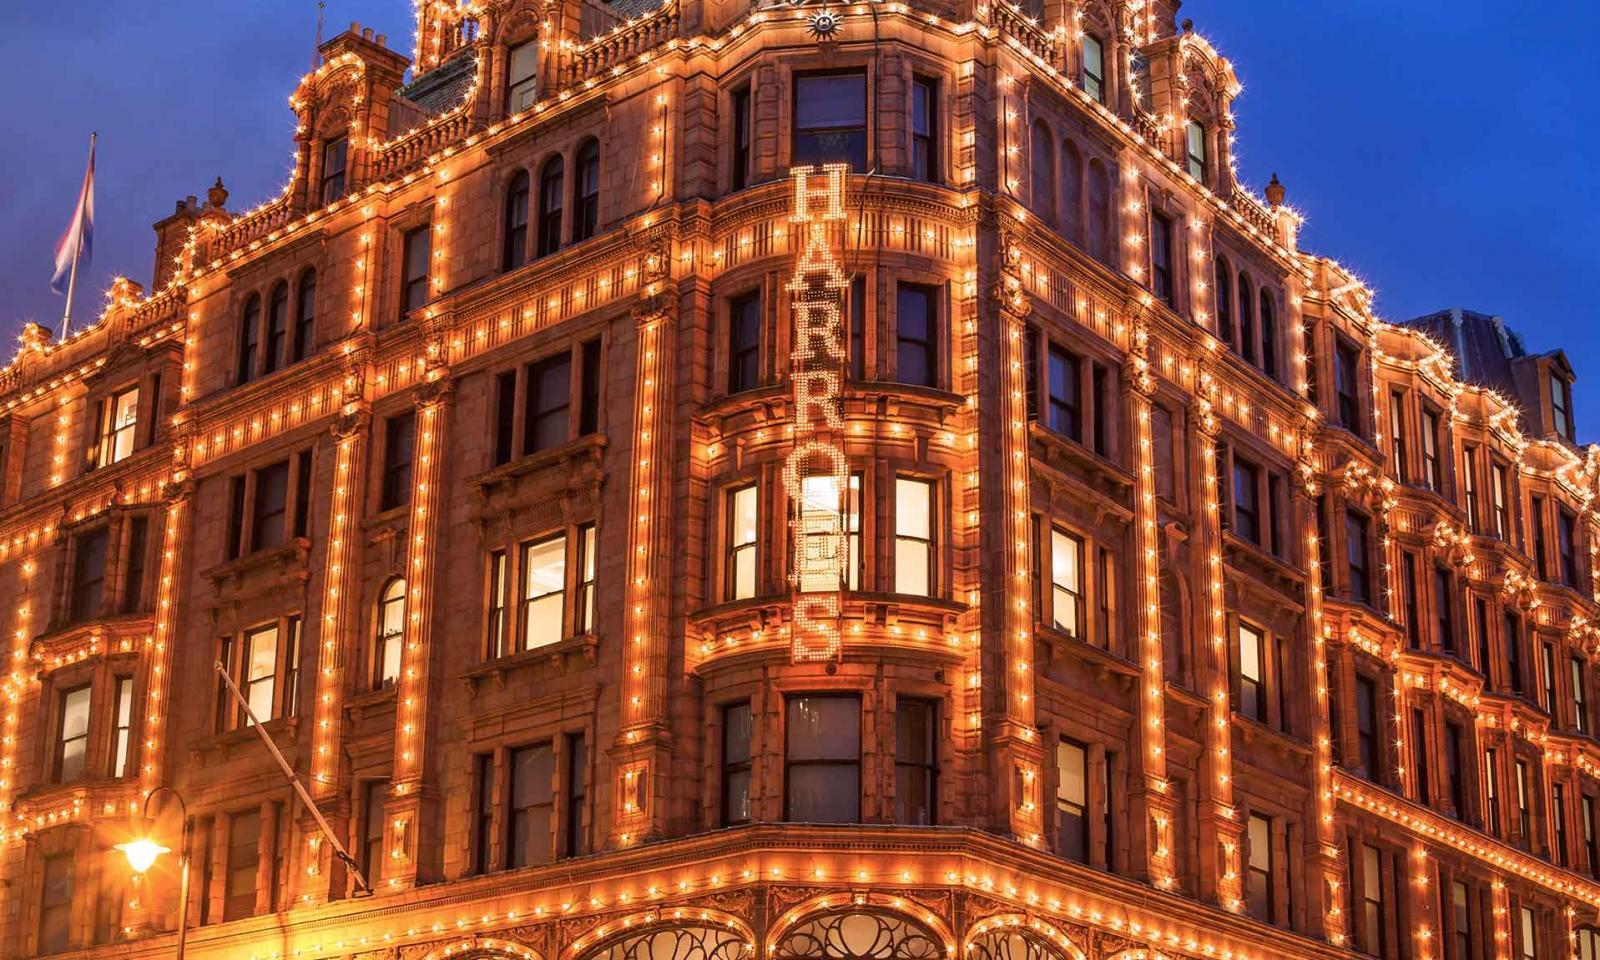 Loja de departamento Harrods em Londres | Inglaterra